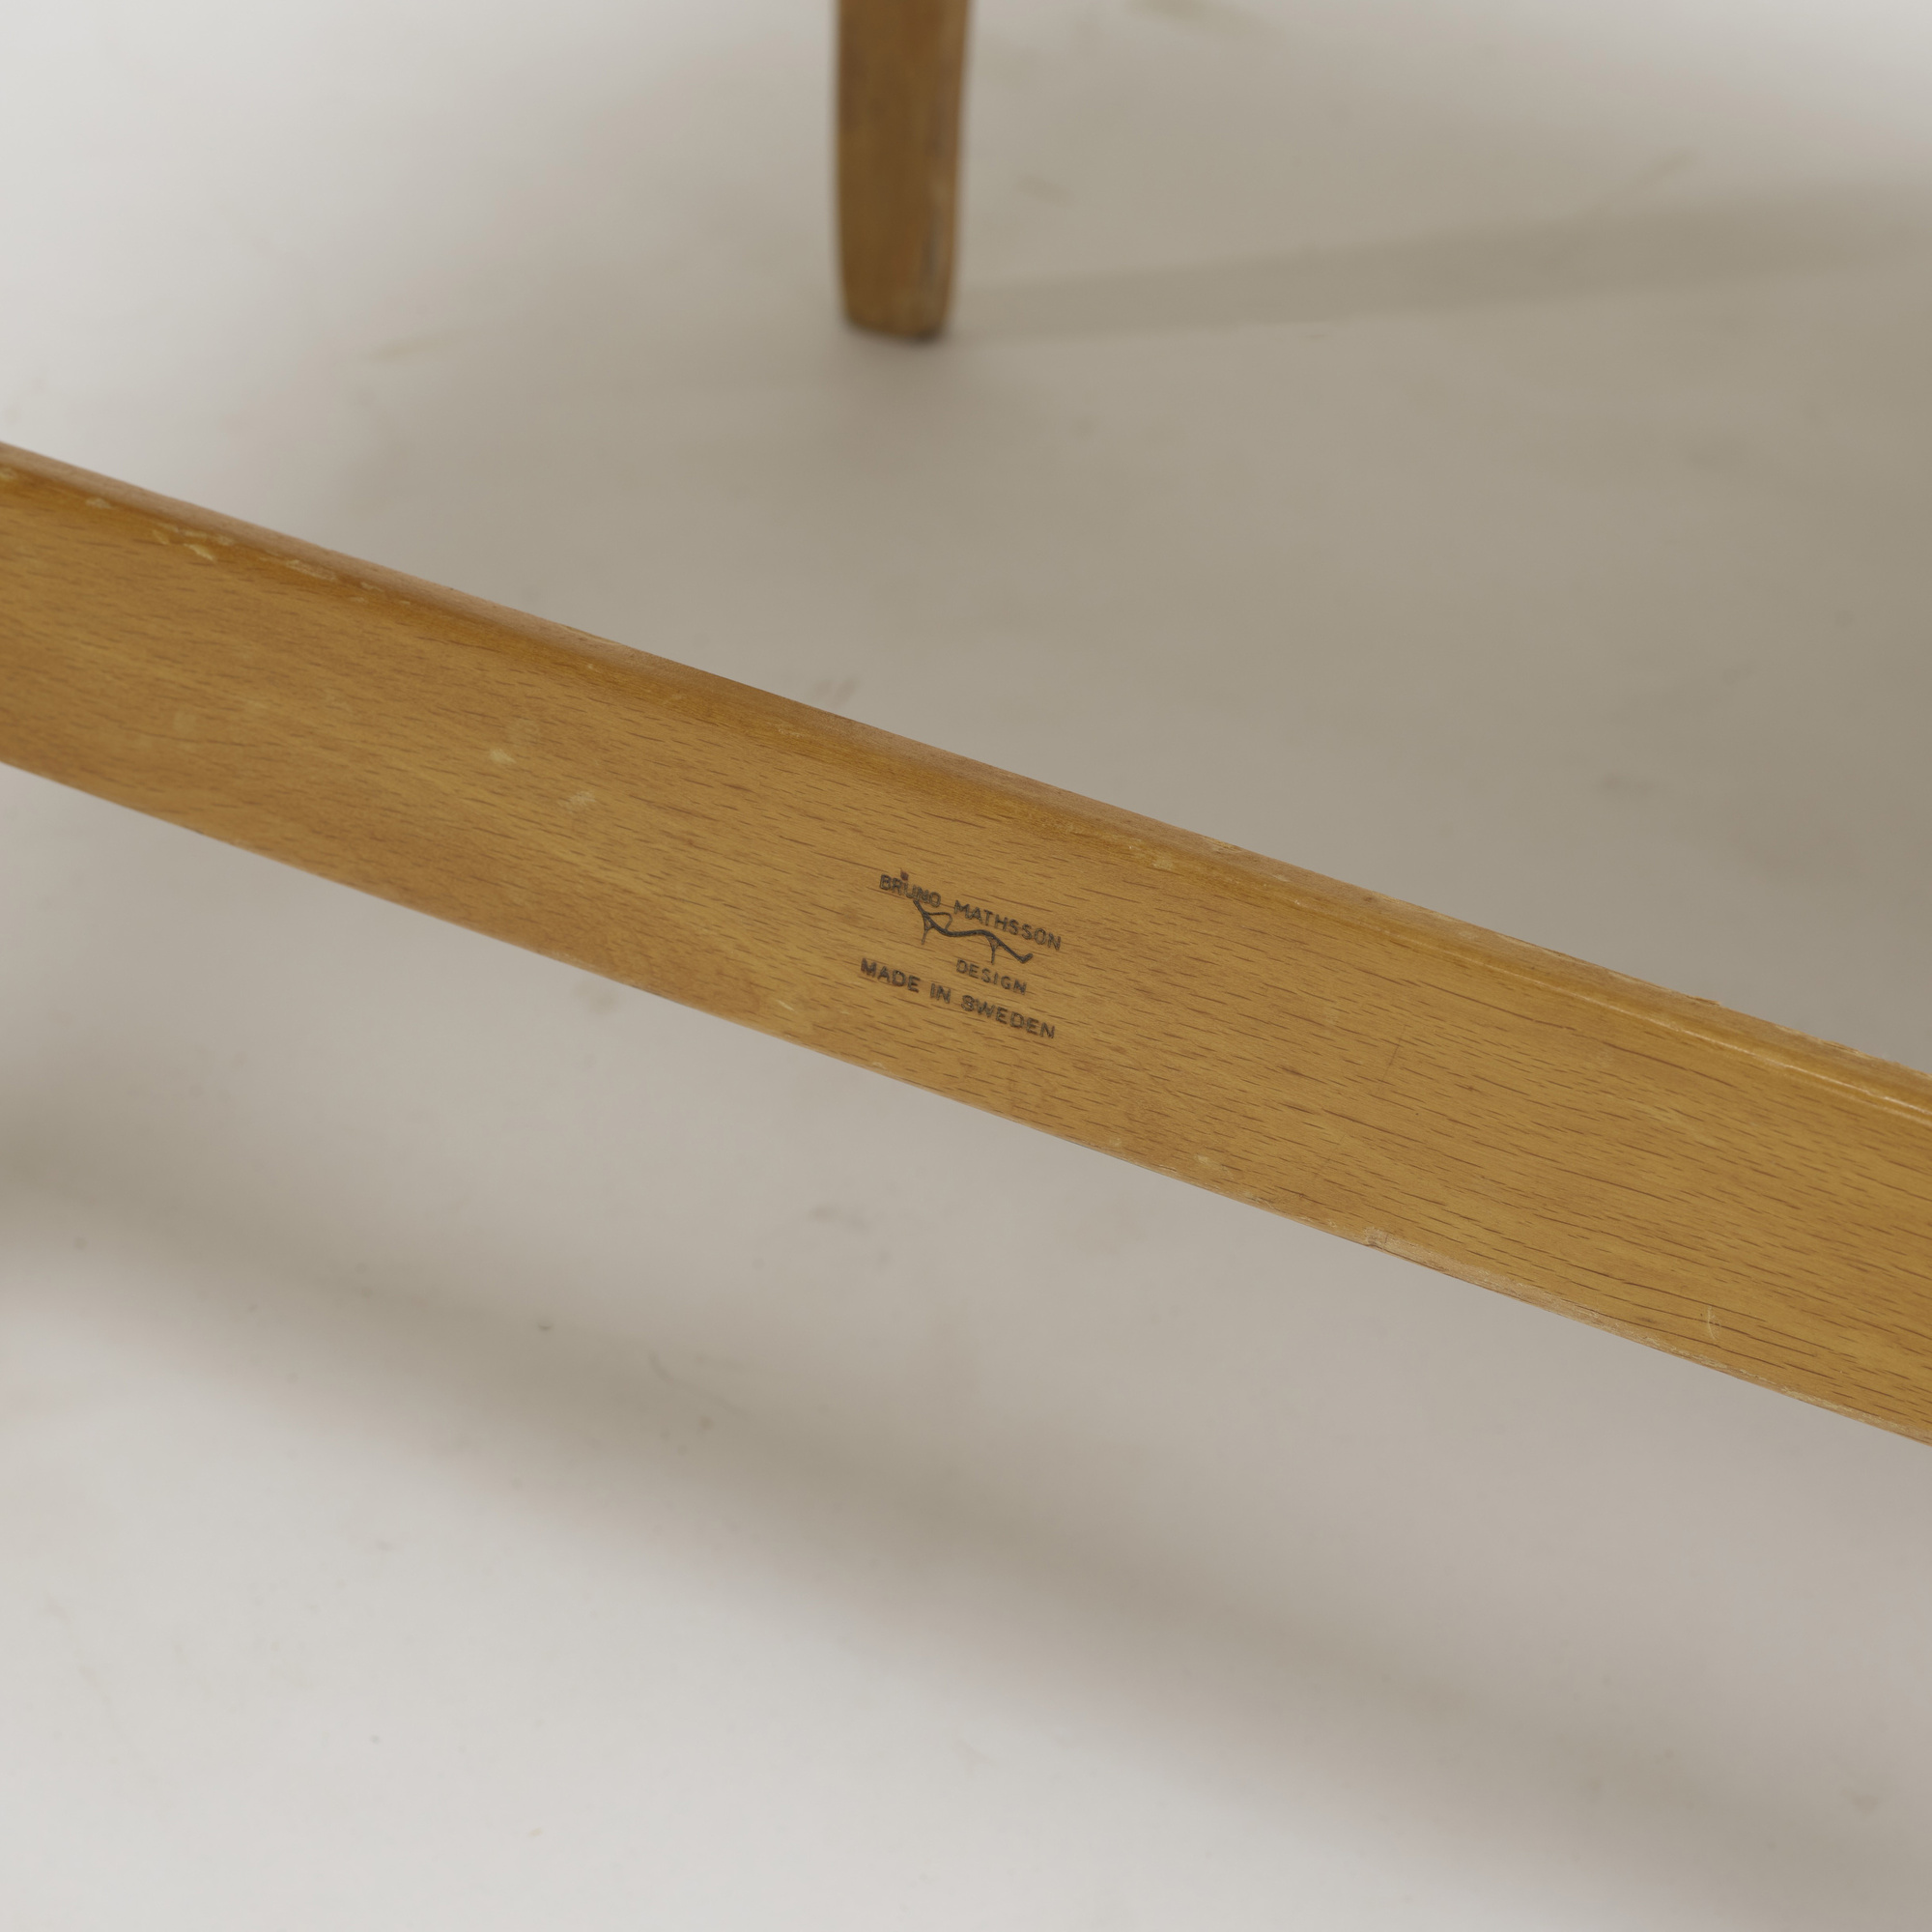 541: Bruno Mathsson / Eva chair (4 of 4)